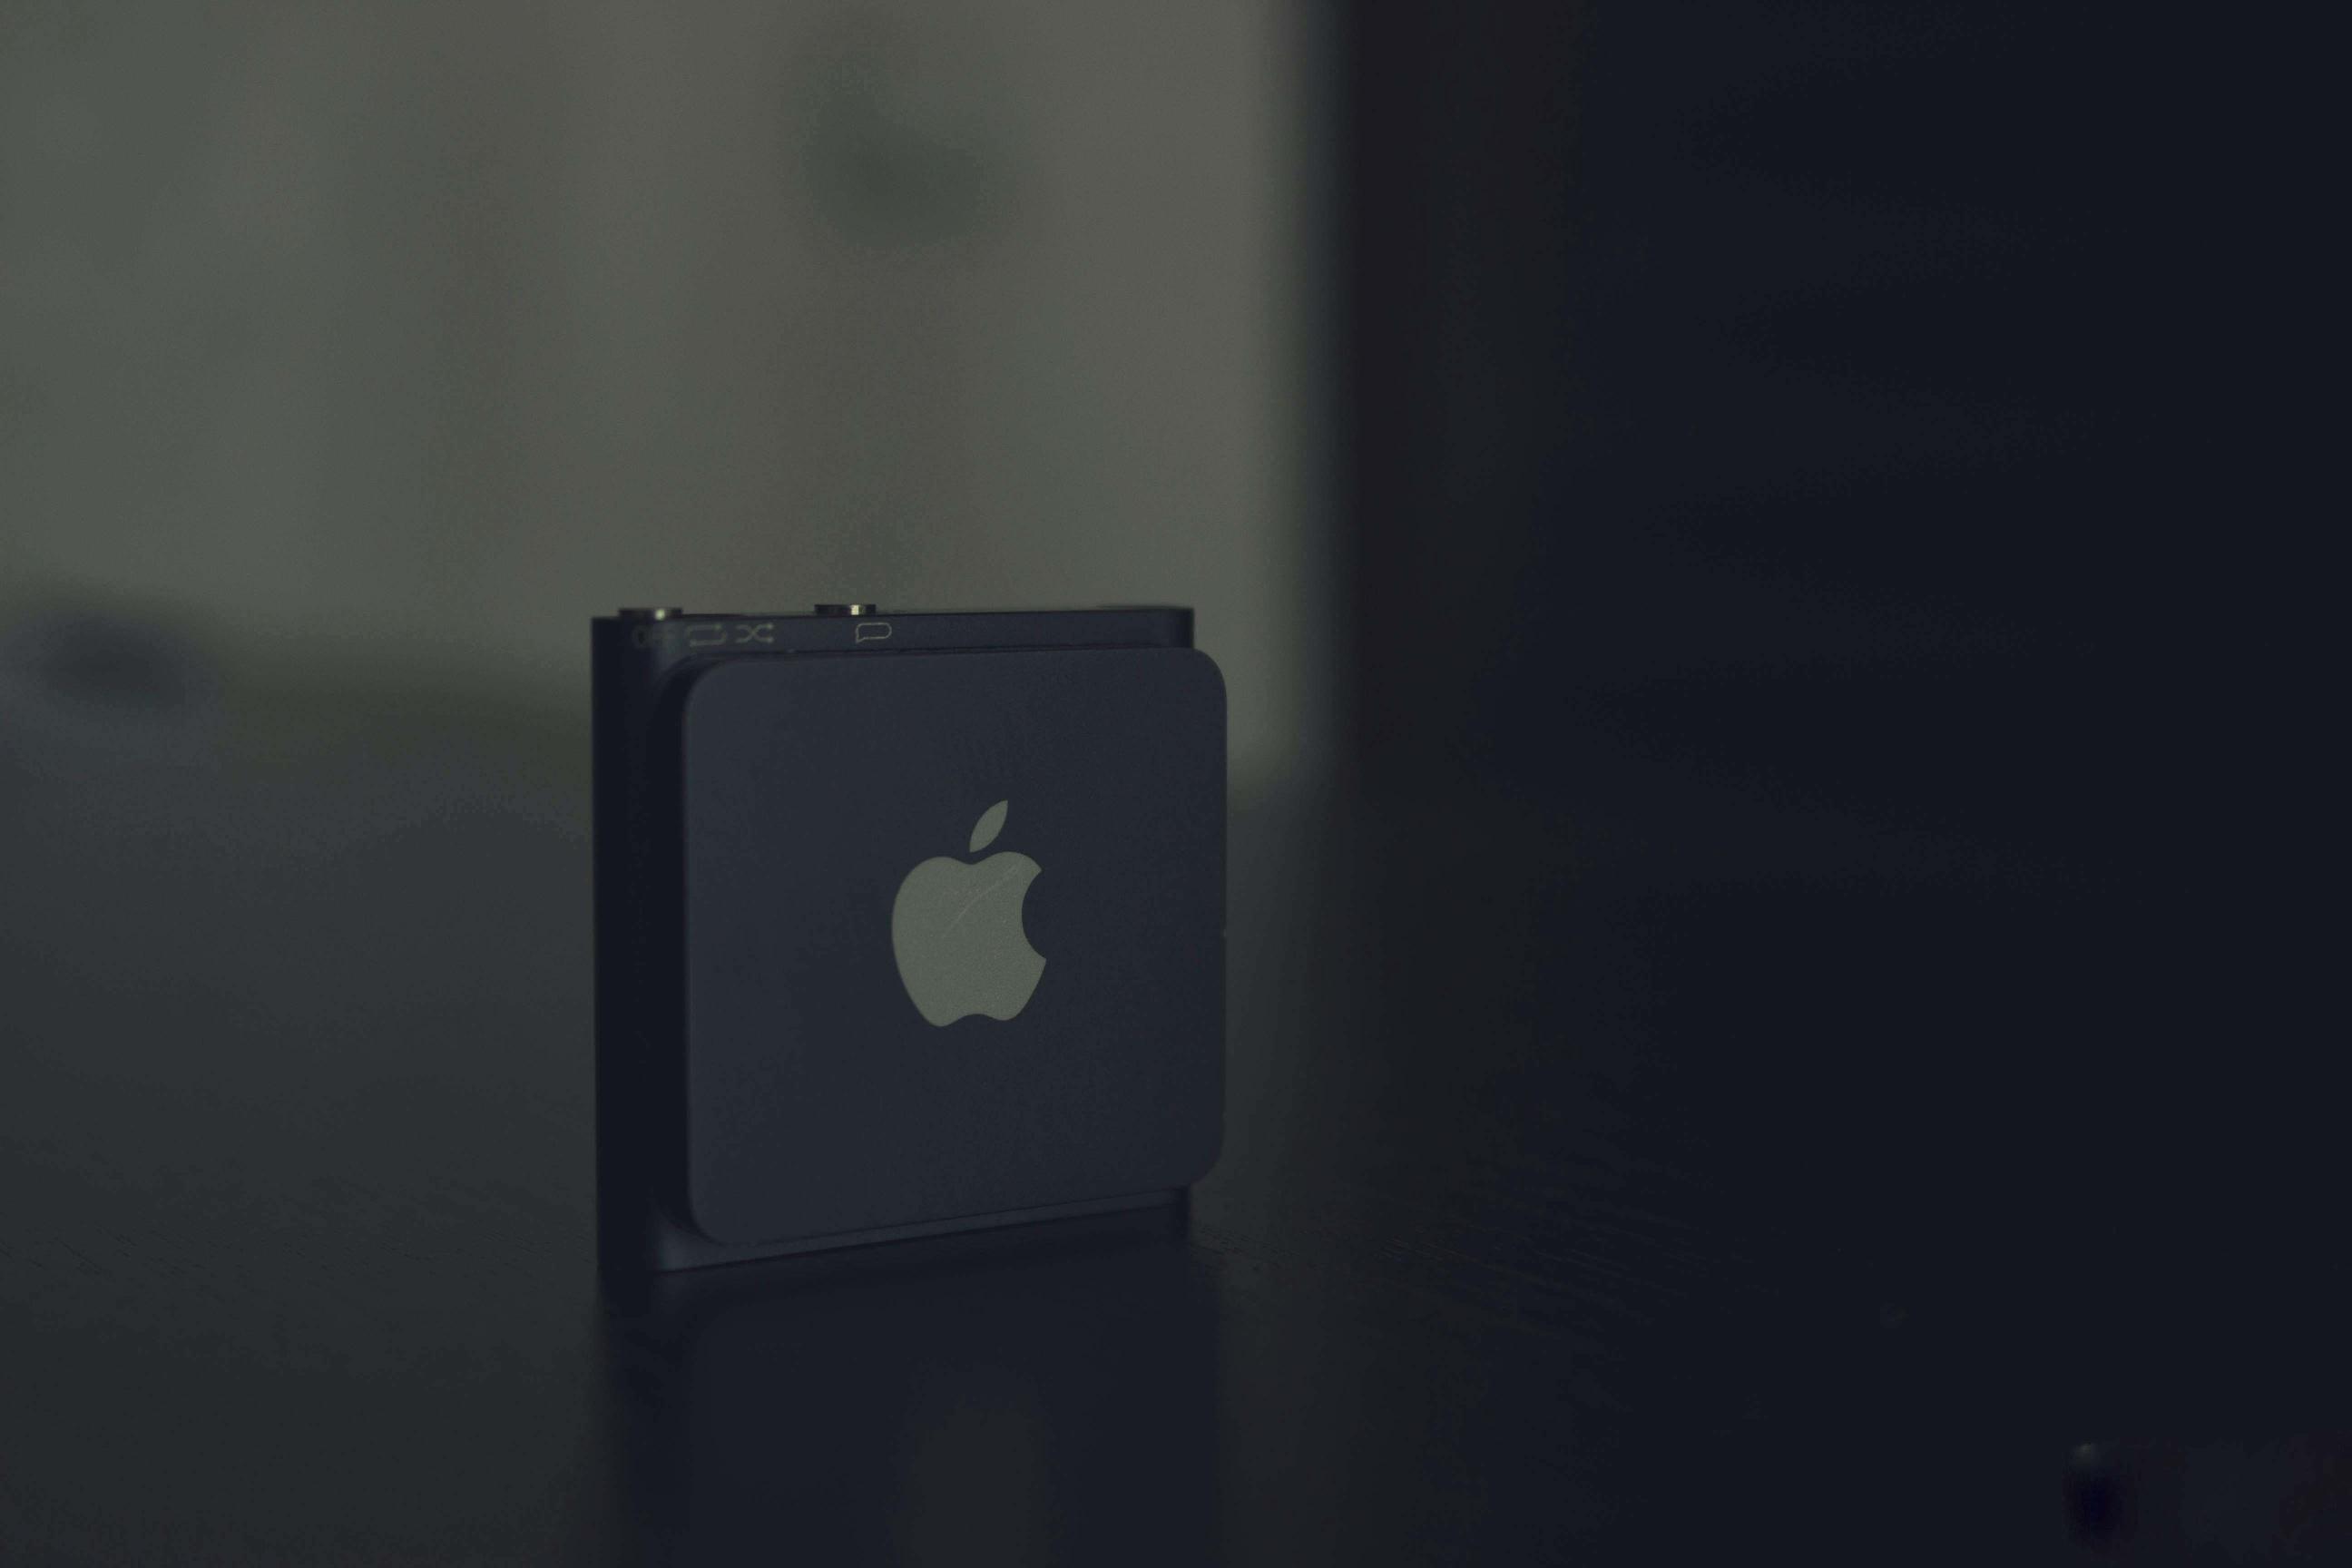 苹果开启返校季优惠促销活动